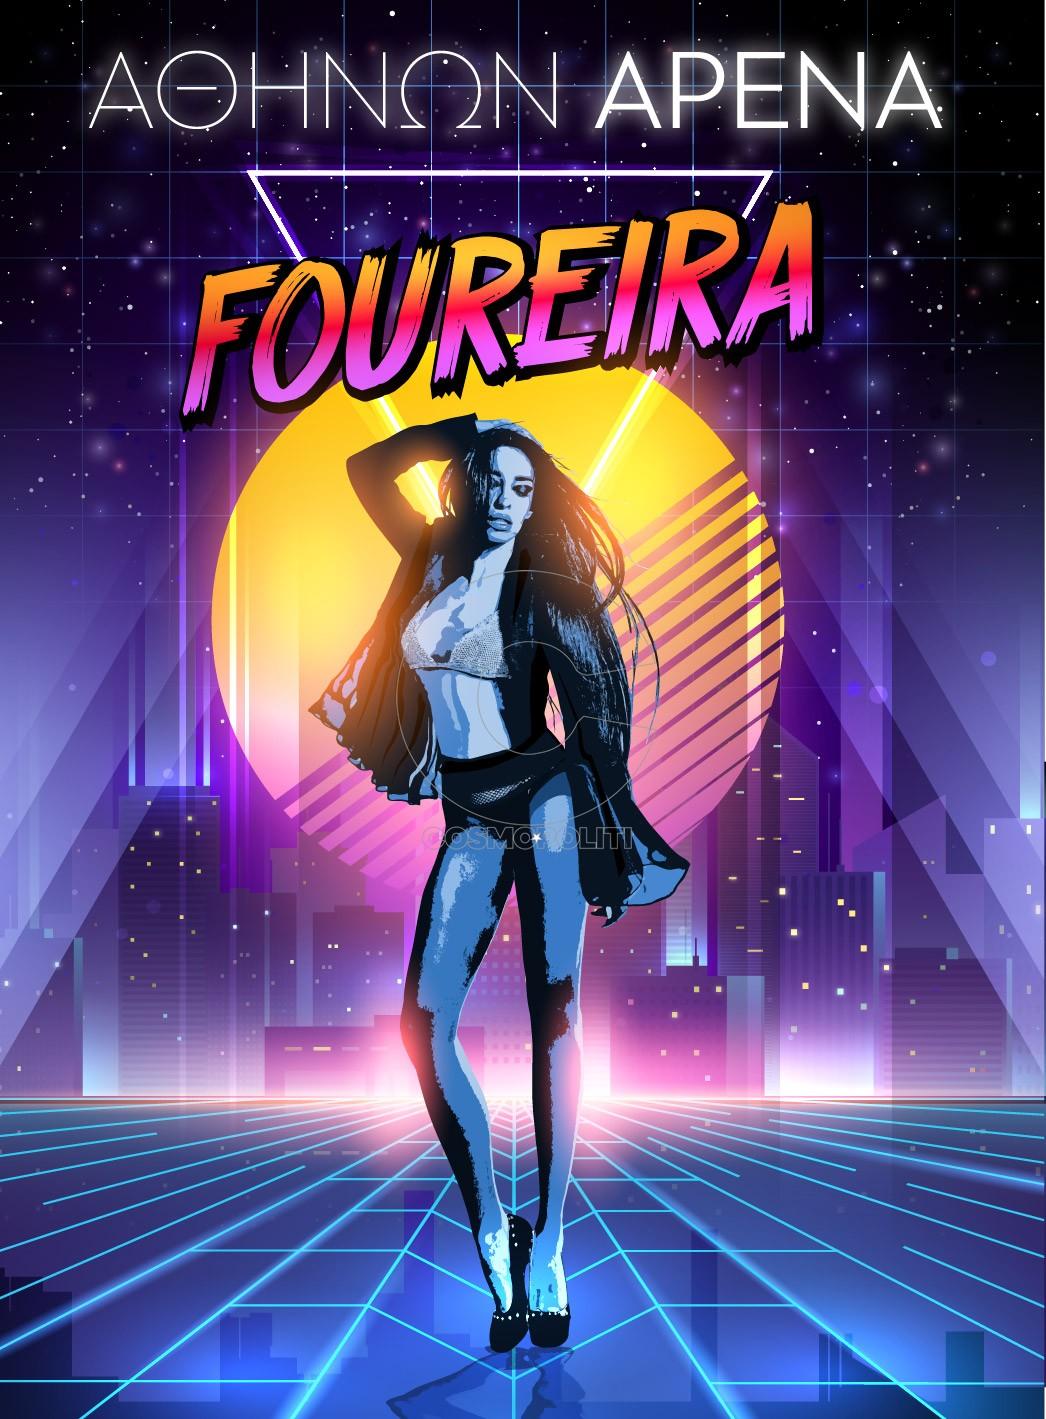 FOUREIRA-01